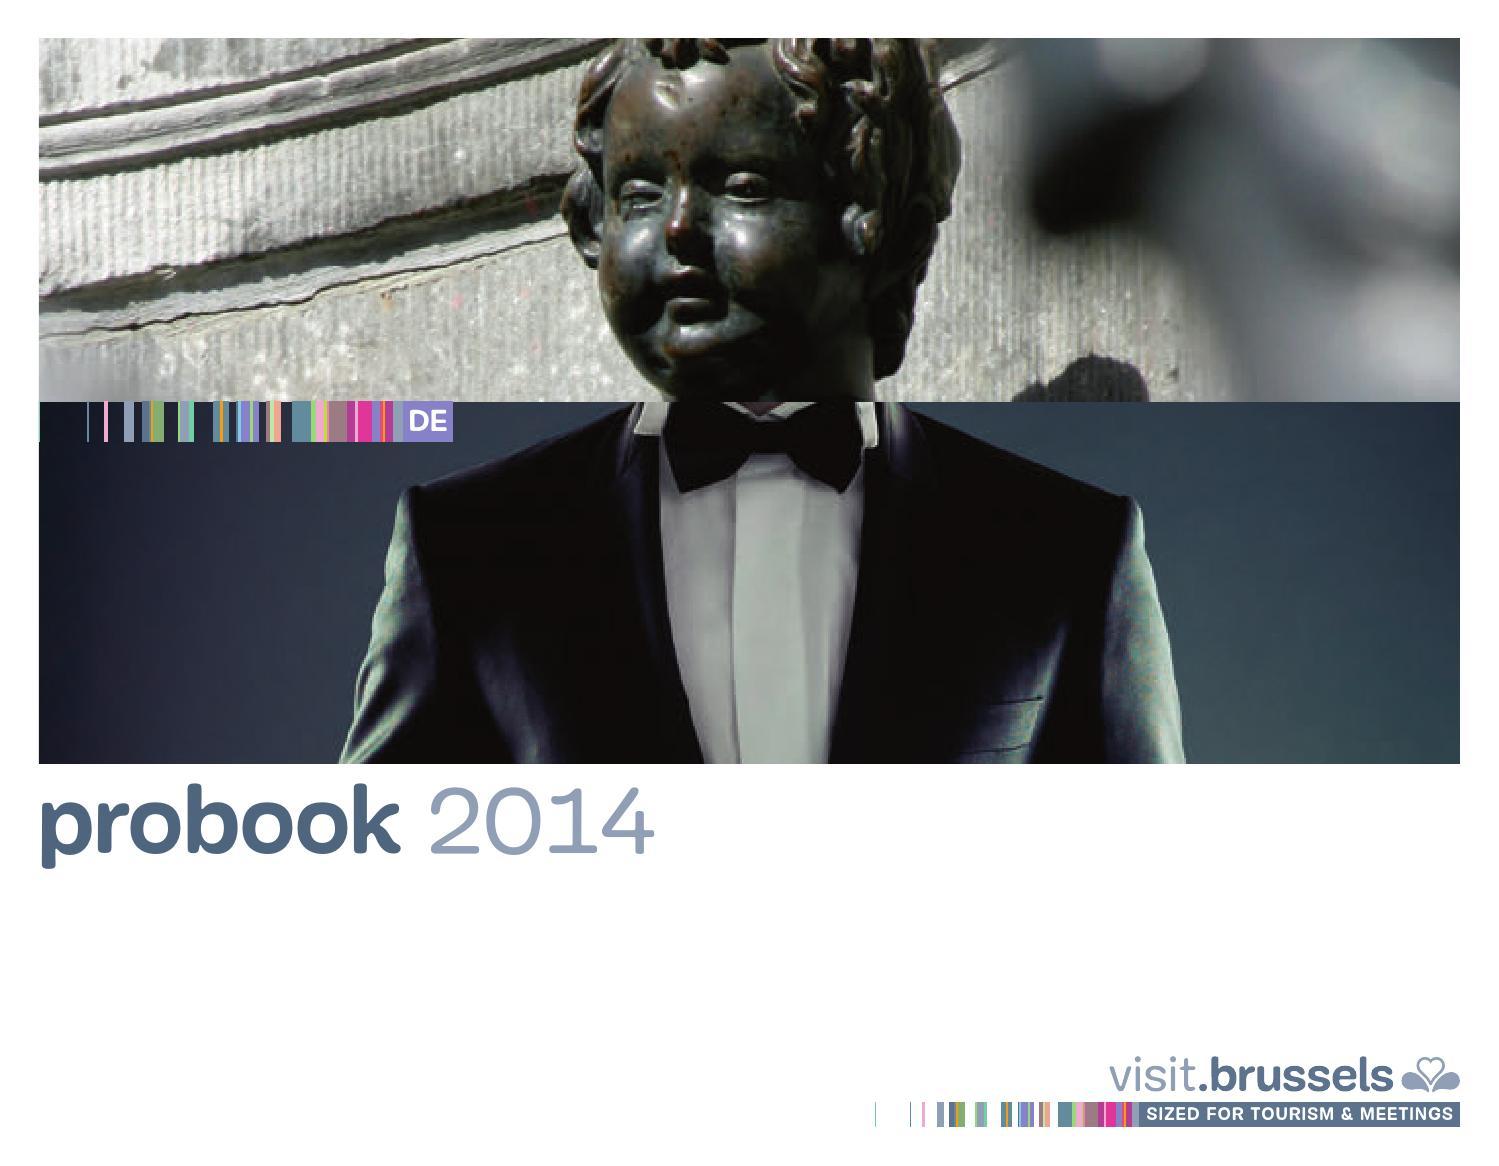 Probook 2014 deutsch by visit.brussels issuu